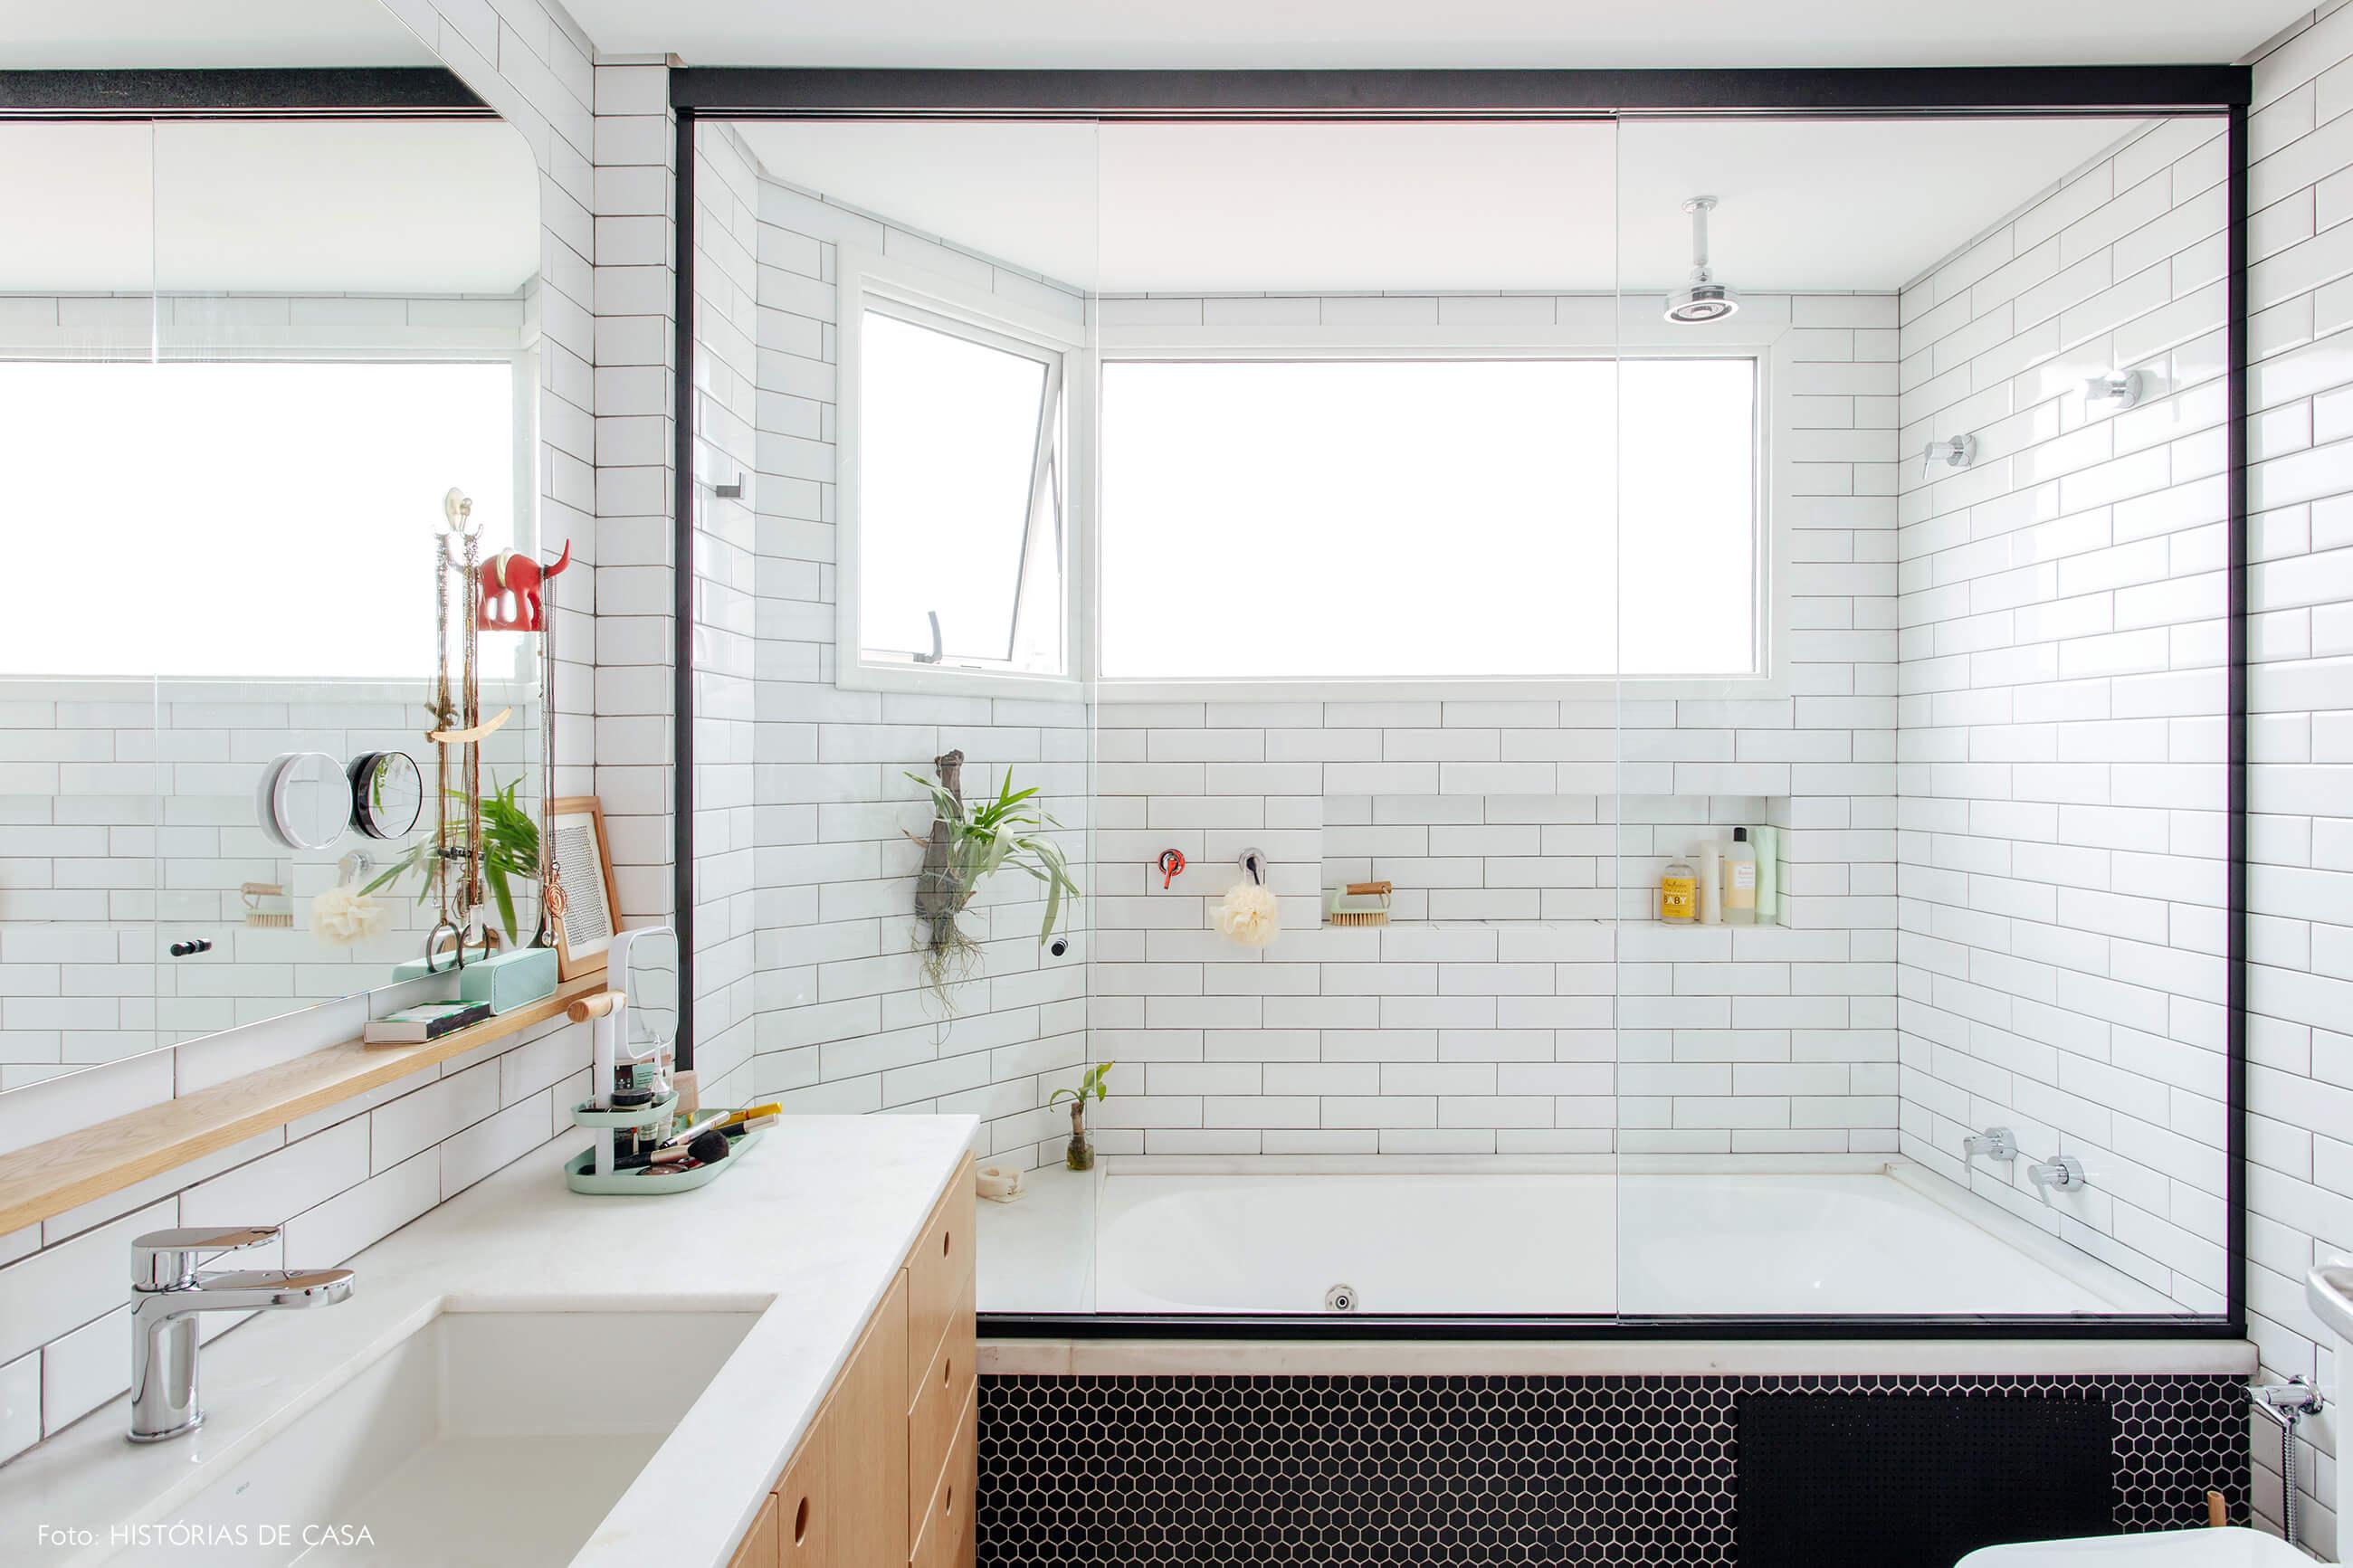 Banheiro reformado com azulejos do tipo subway tiles e banheira